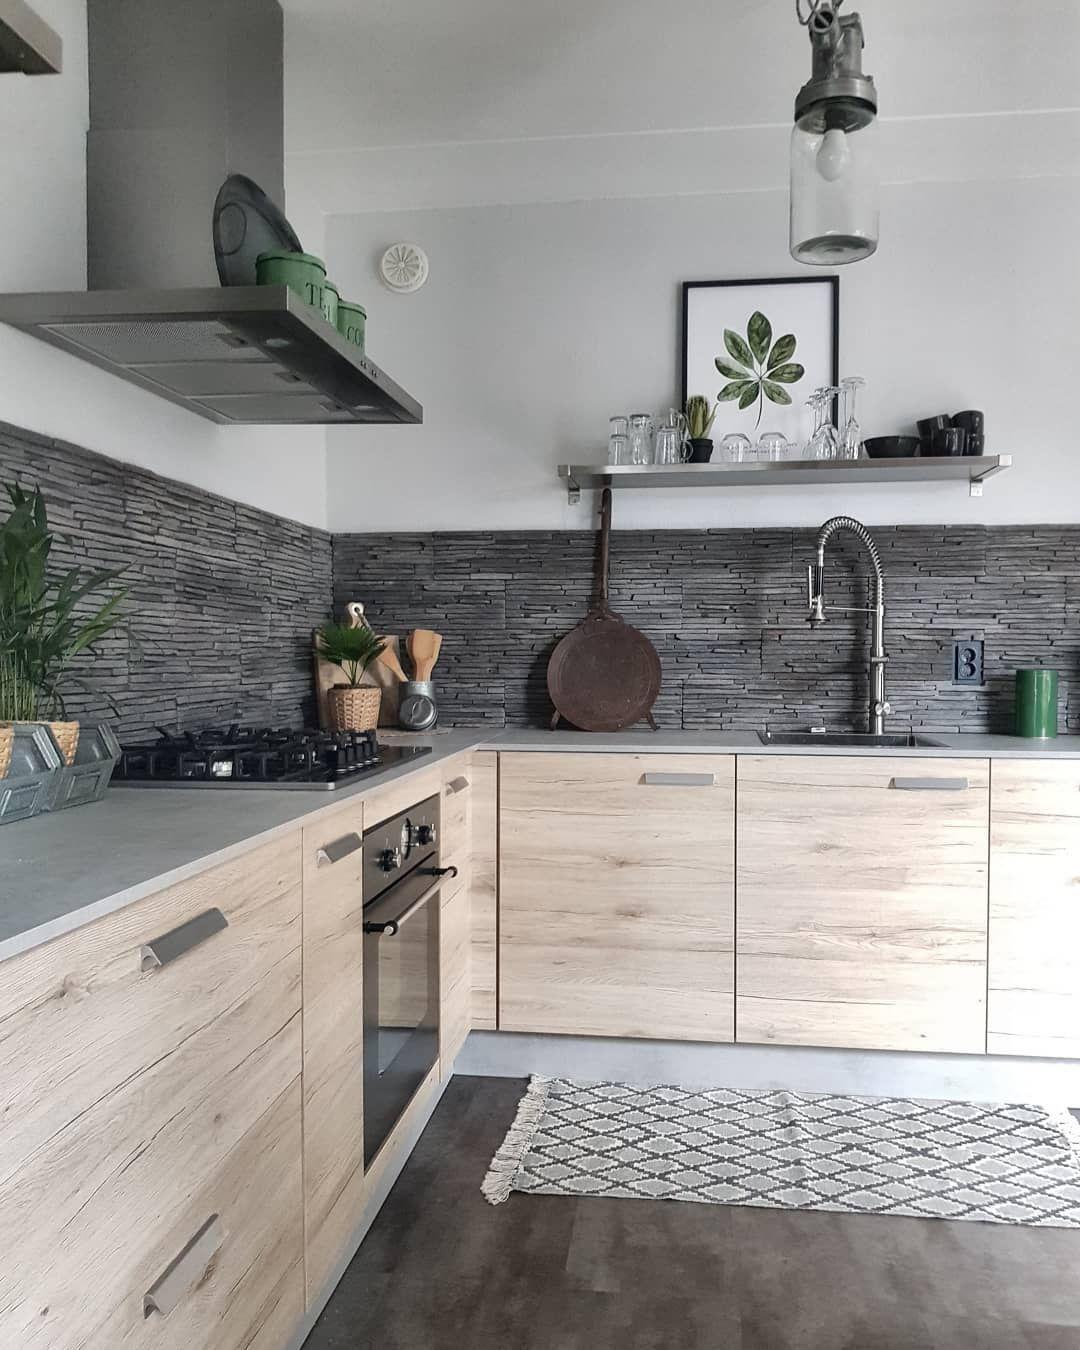 Renovierung von küchenideen instagram  einrichten und wohnen  pinterest  haus küchen ideen